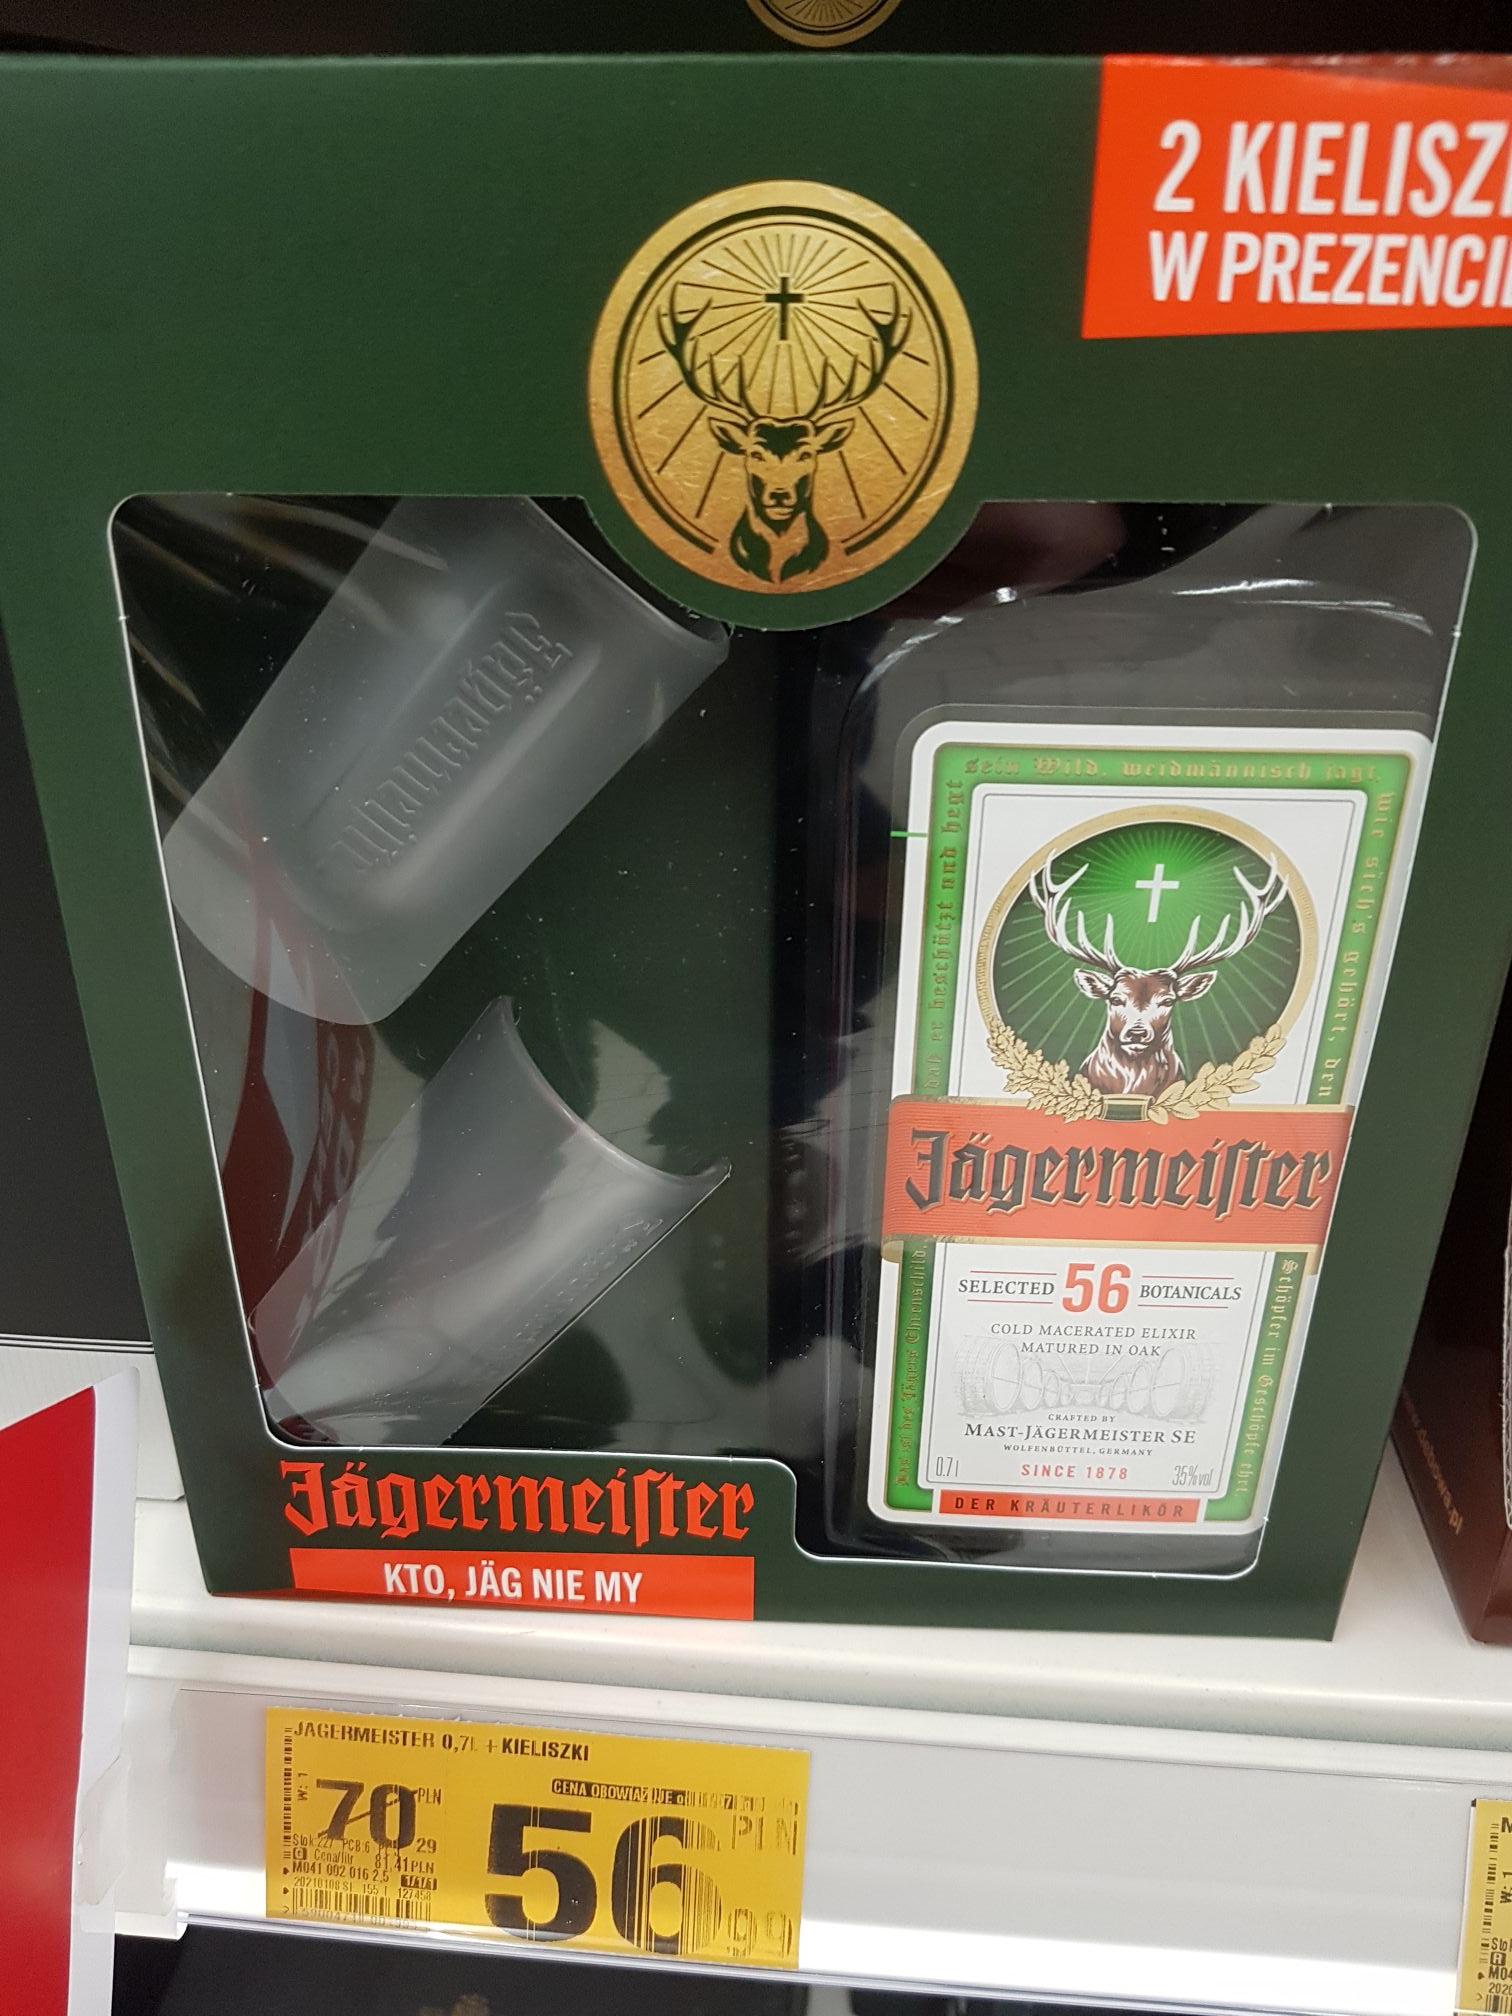 Auchan Jagermeister 0.7l + 2 kieliszki